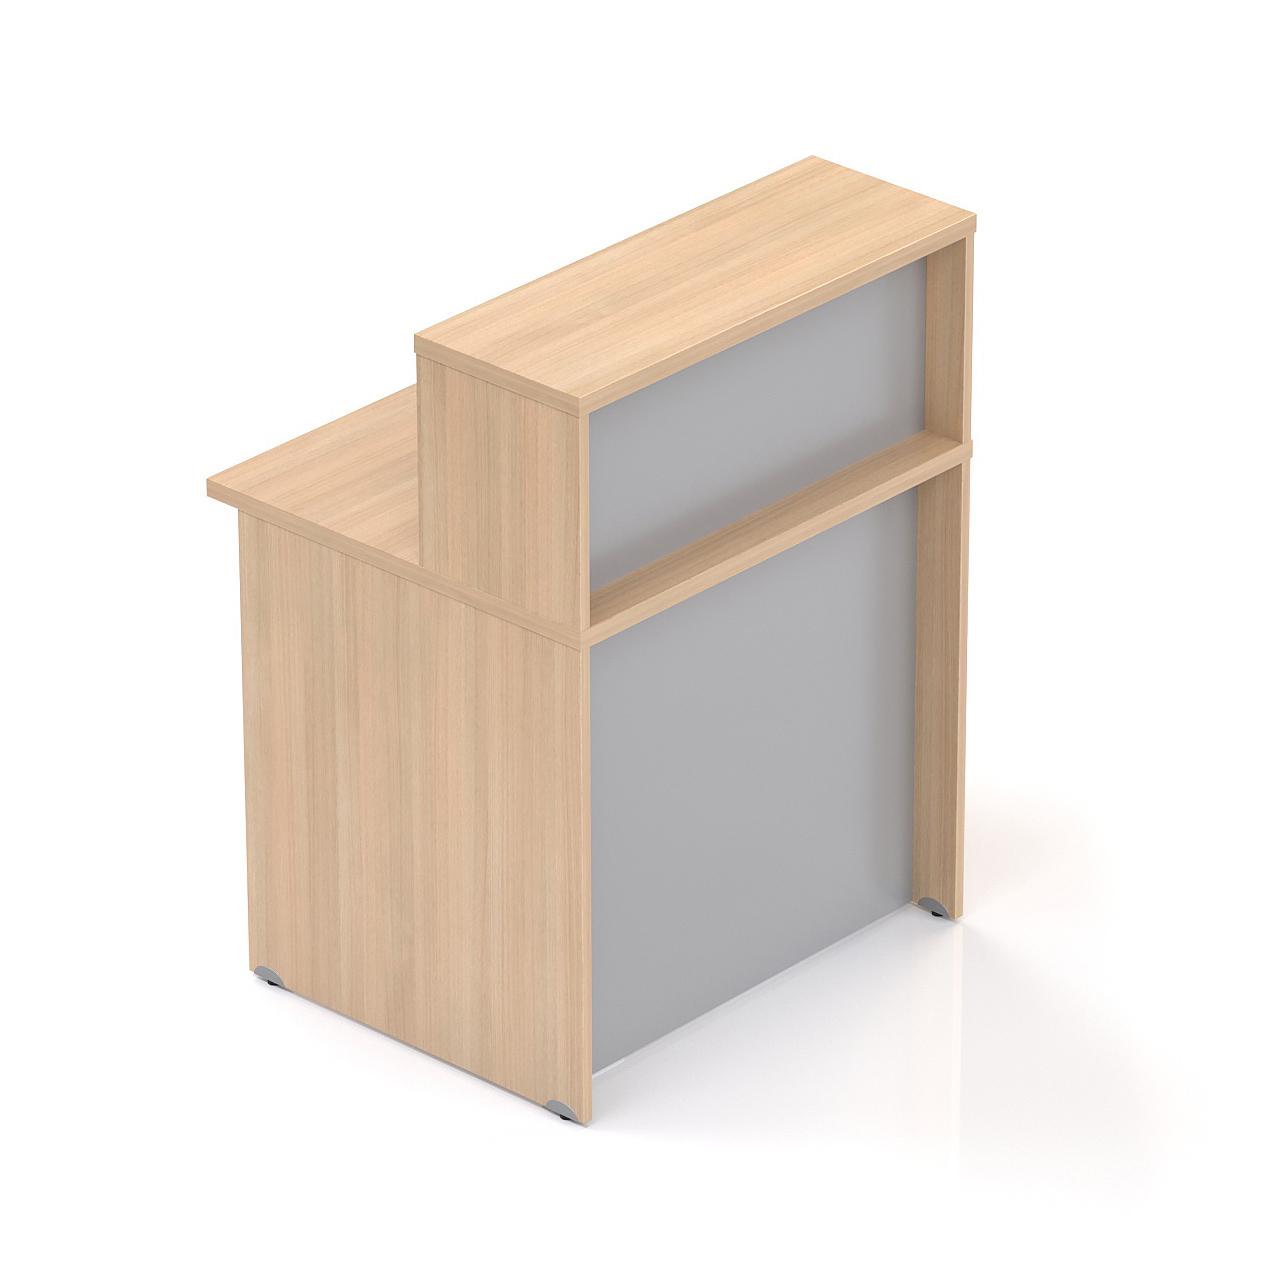 Recepční pult s nástavbou Komfort, 80x70x111 cm - NLKA08 05